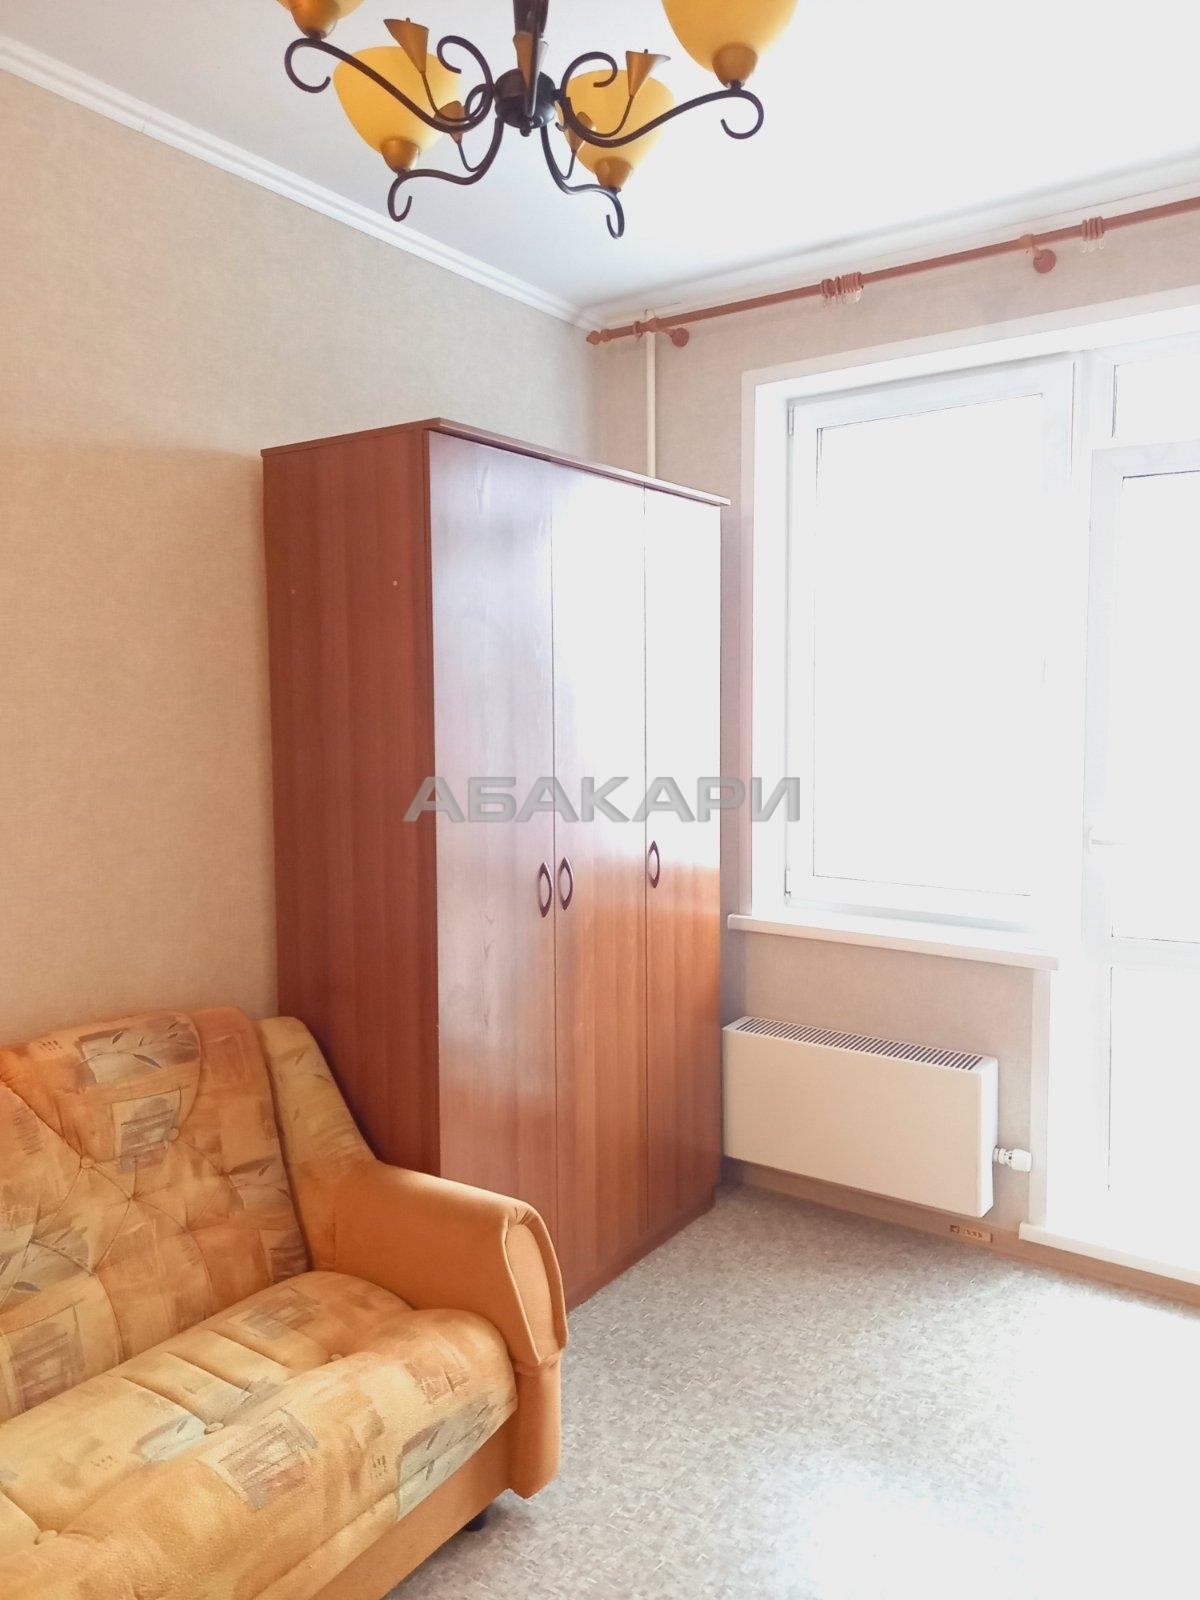 2к квартира улица Лесников, 23 13/16 - 34кв | 16000 | аренда в Красноярске фото 4